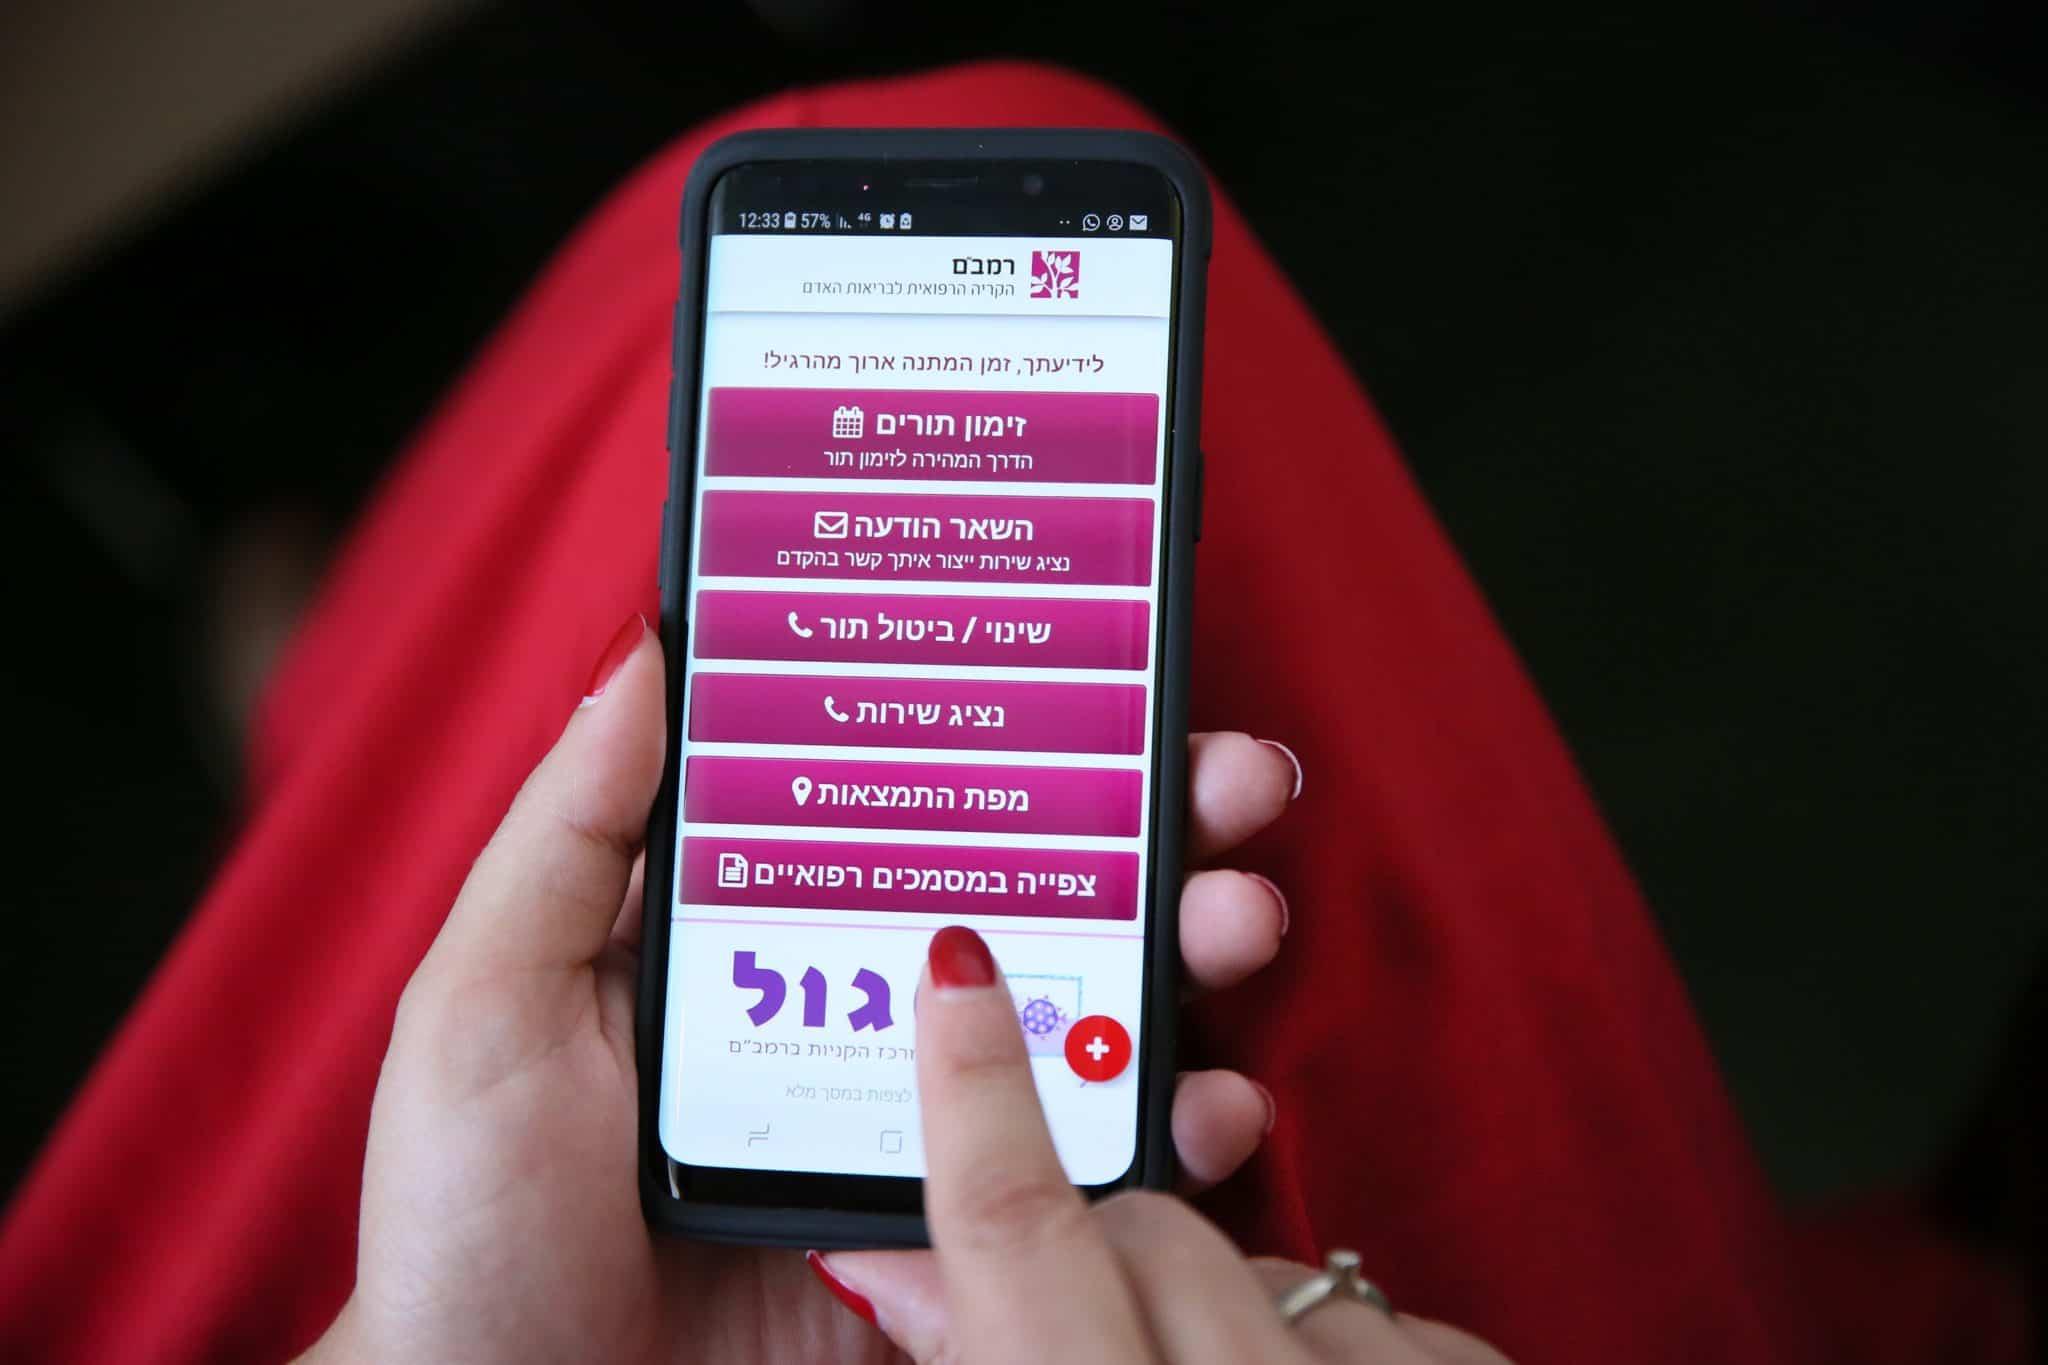 """רמב""""ם דיגיטלי: אפשר לתאם תור לרופאי ביה""""ח באמצעות אפליקציה פשוטה"""